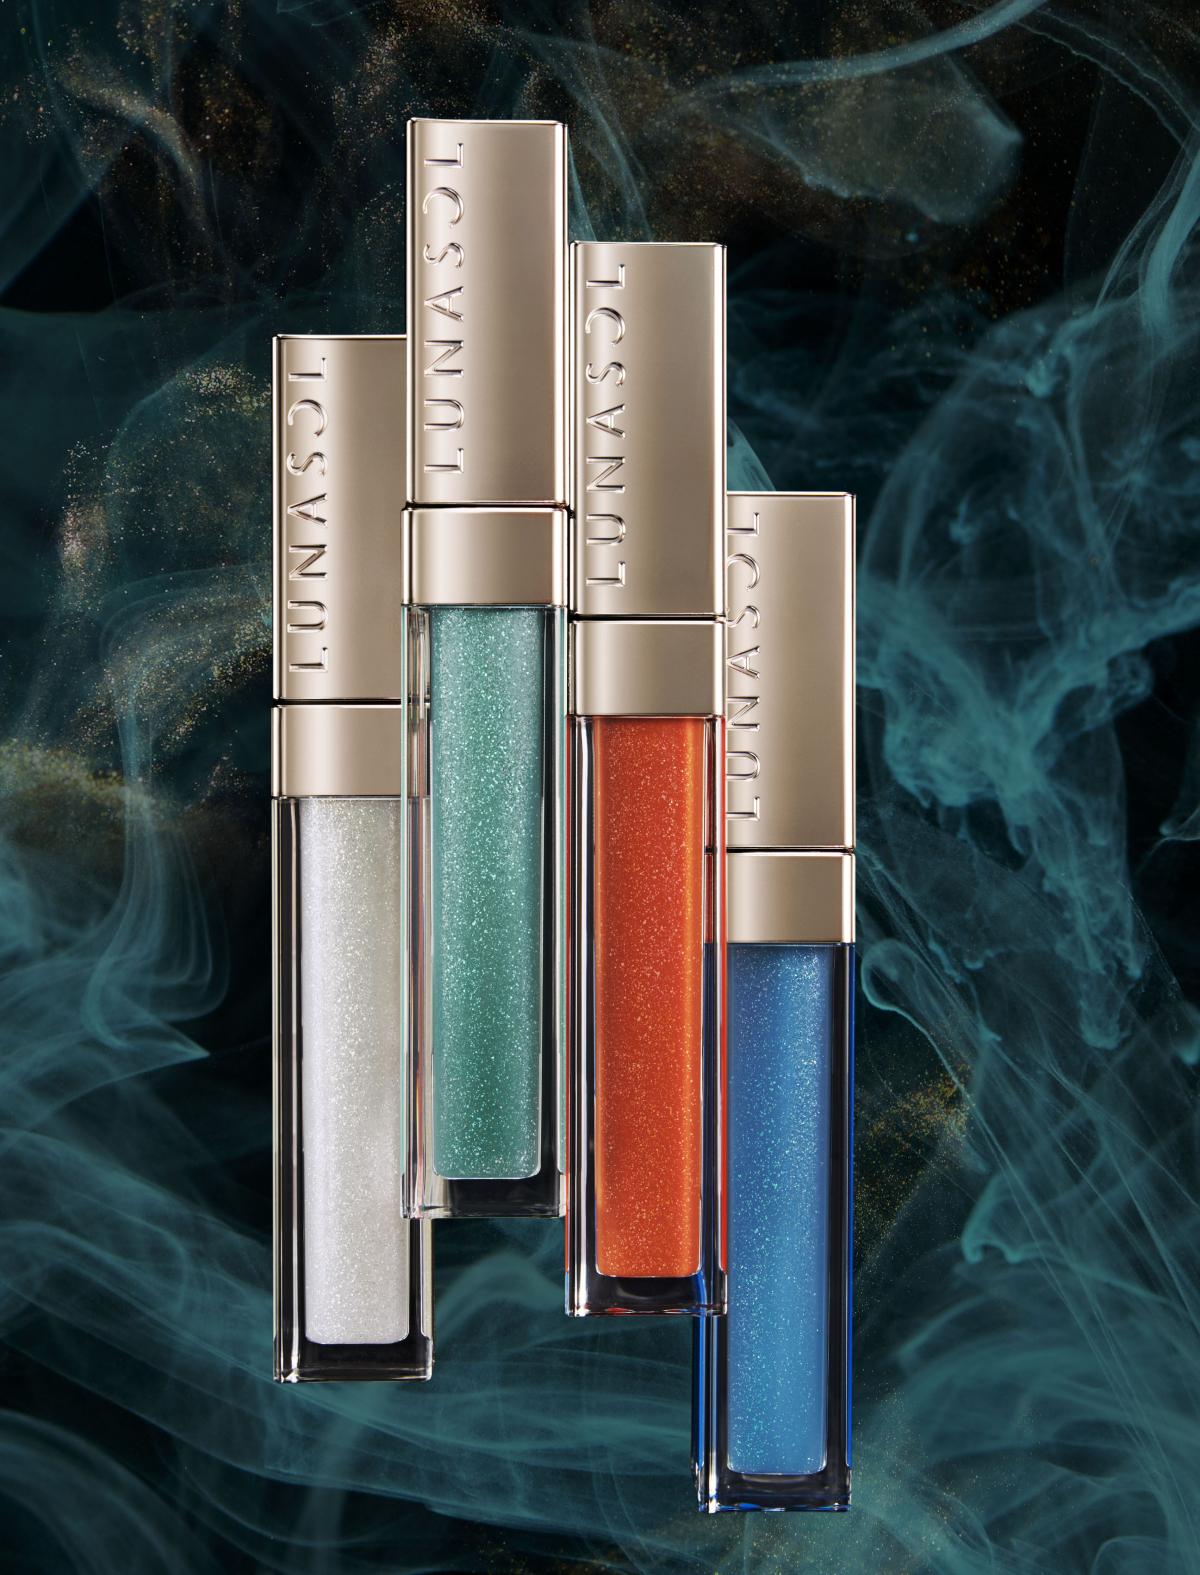 5月15日発売「ルナソル」から濃密なツヤのジェルオイルリップス11色が登場。繊細な輝きのアイカラーほか